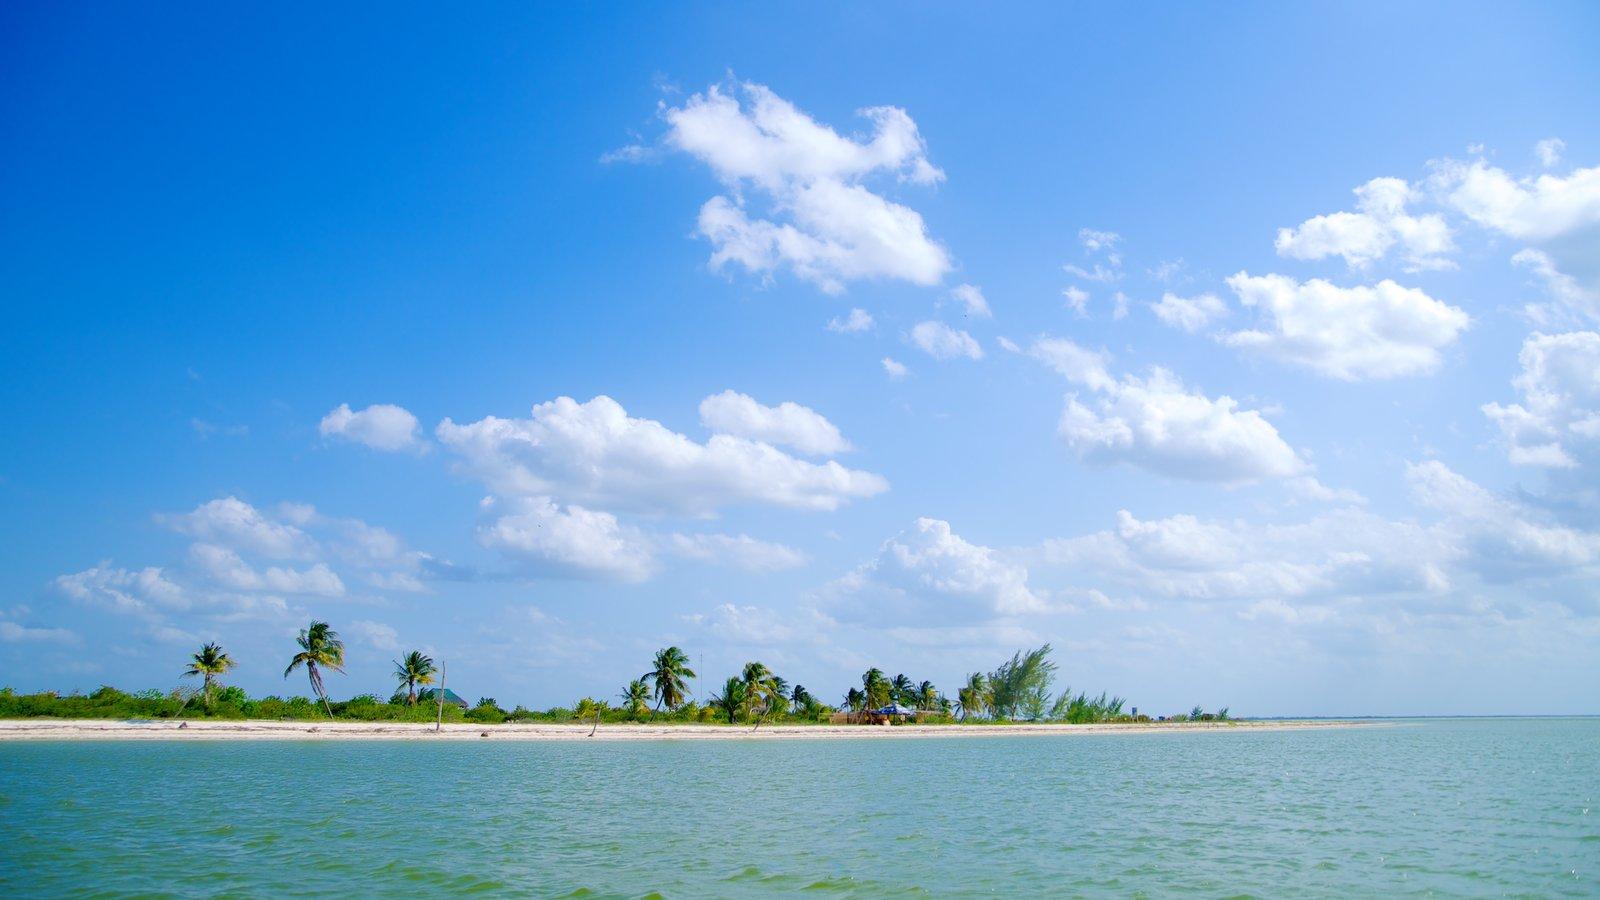 Holbox mostrando vistas de paisajes, escenas tropicales y imágenes de una isla